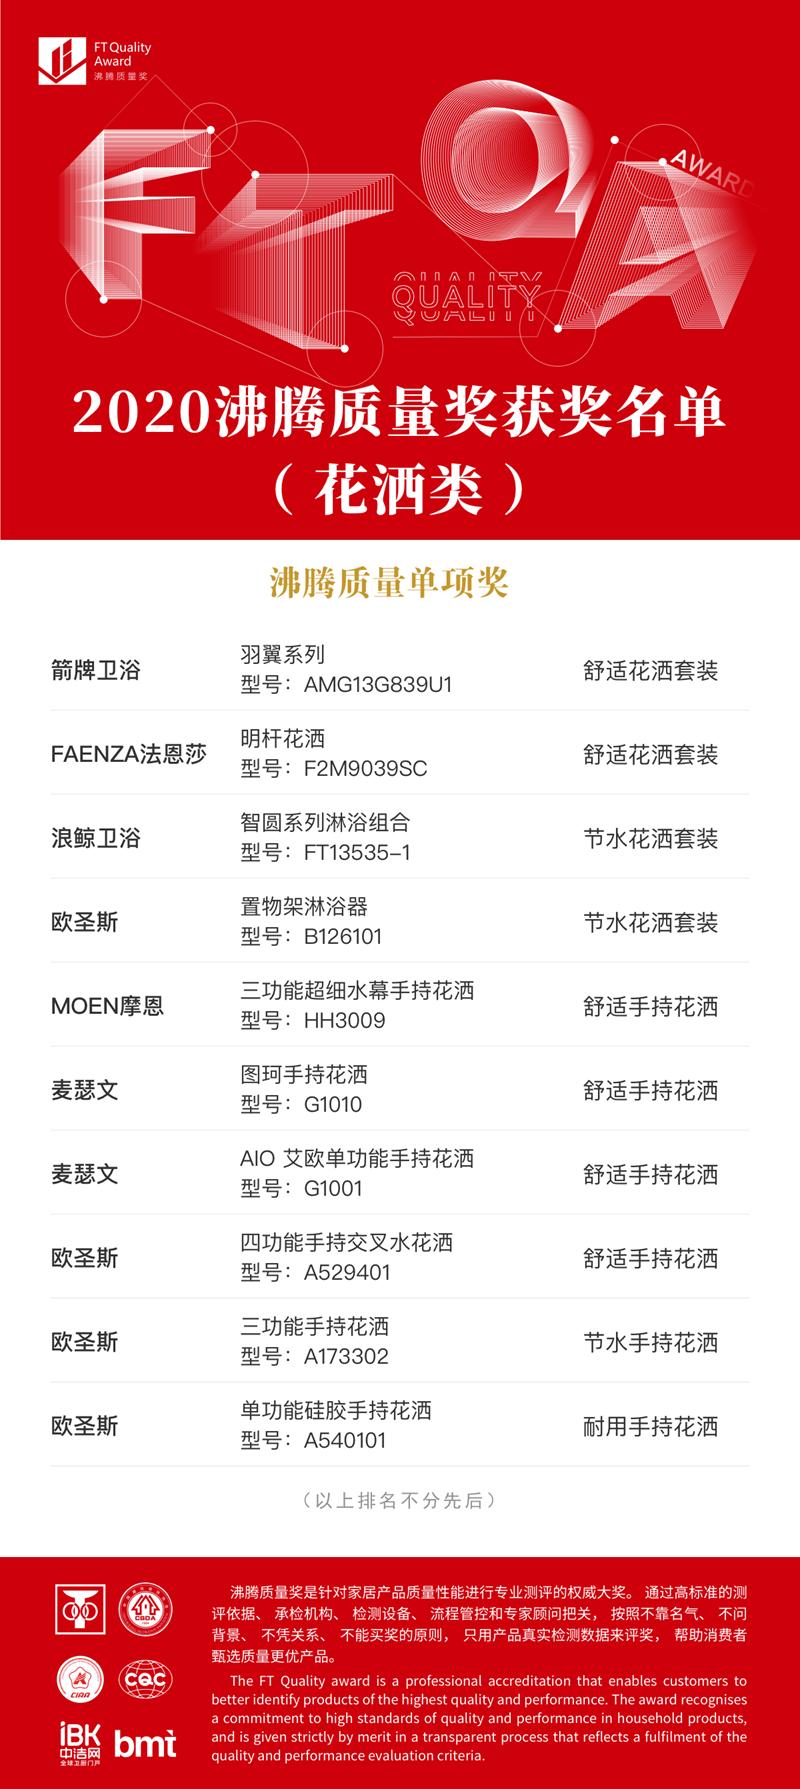 4 沸腾质量奖-花洒-单项奖_副本 (1).png